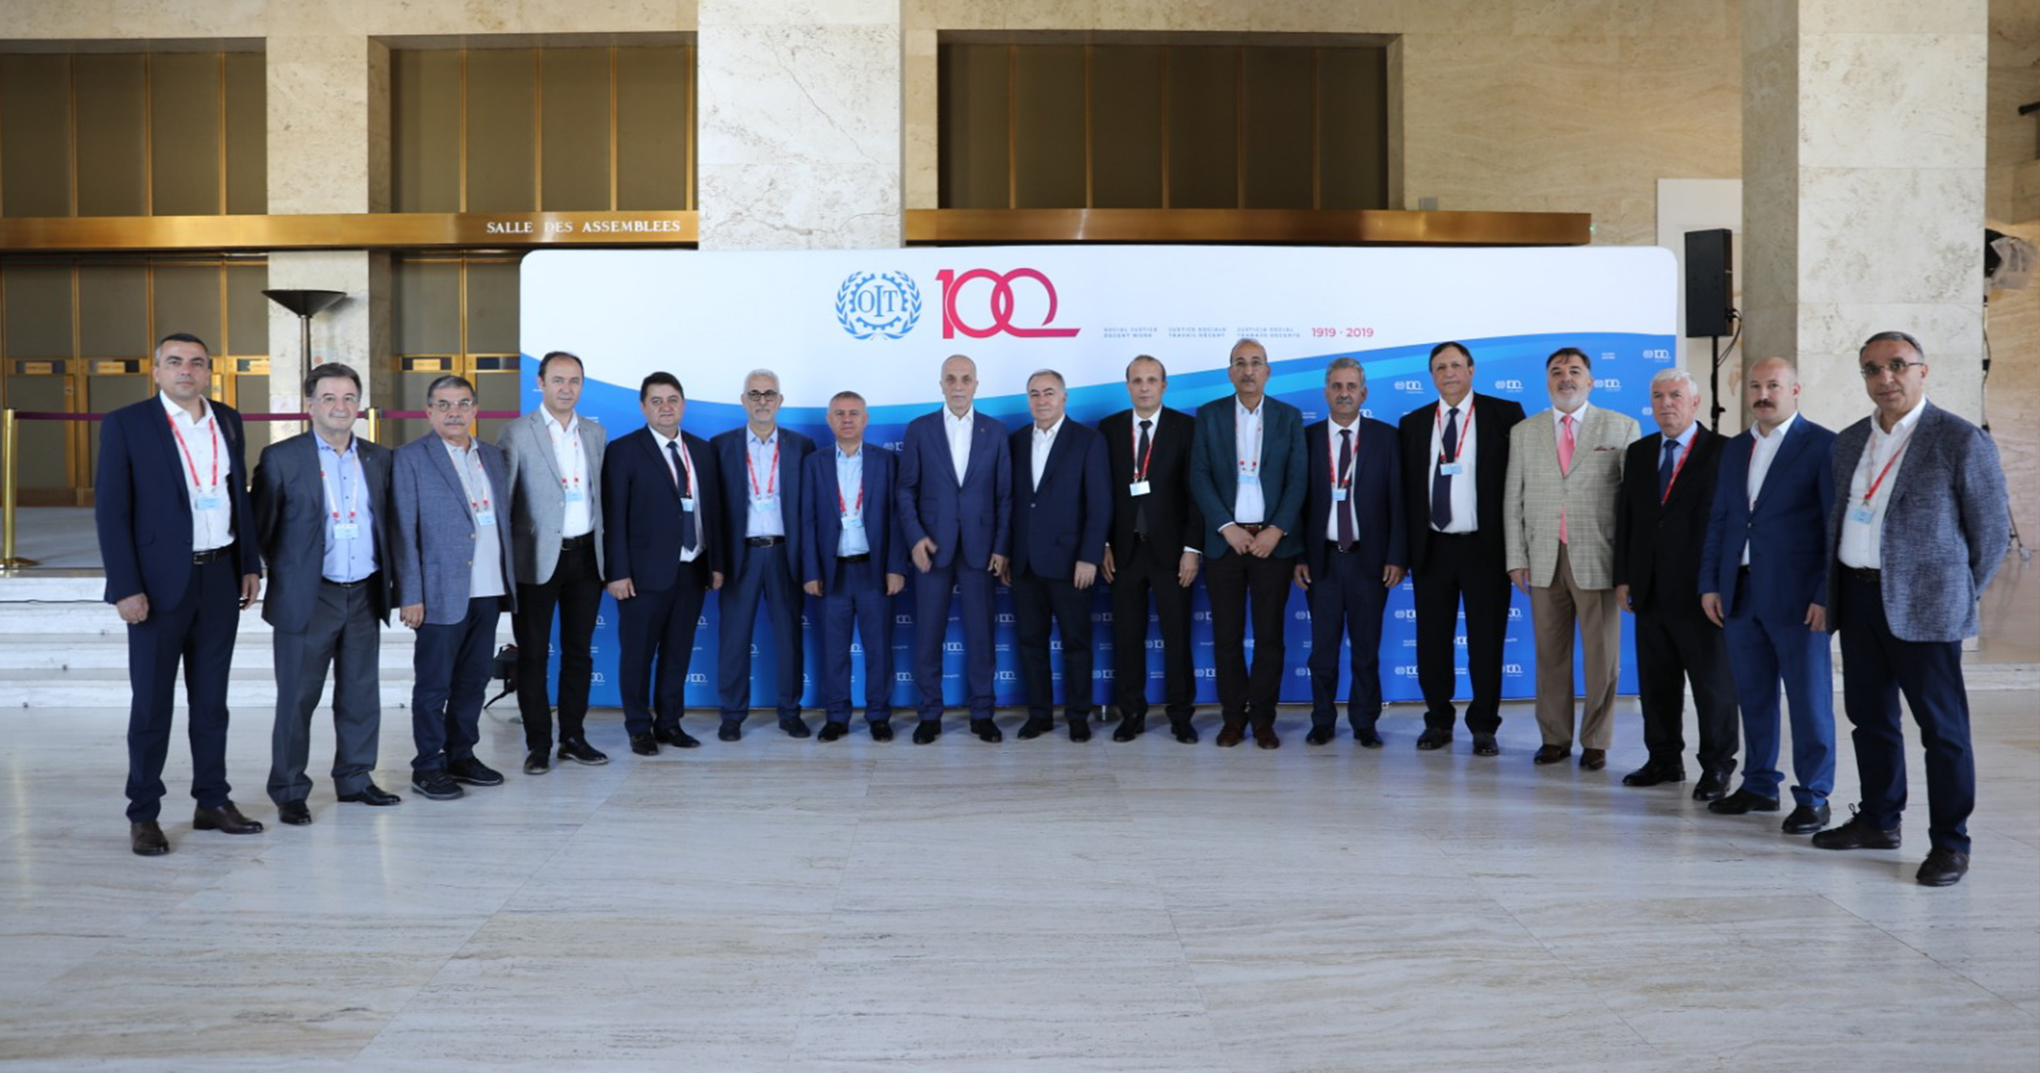 ILO'NUN YÜZÜNCÜ YILINDA 108. ULUSLARARASI ÇALIŞMA KONFERANSI İŞİN GELECEĞİ GÜNDEMİYLE TOPLANDI